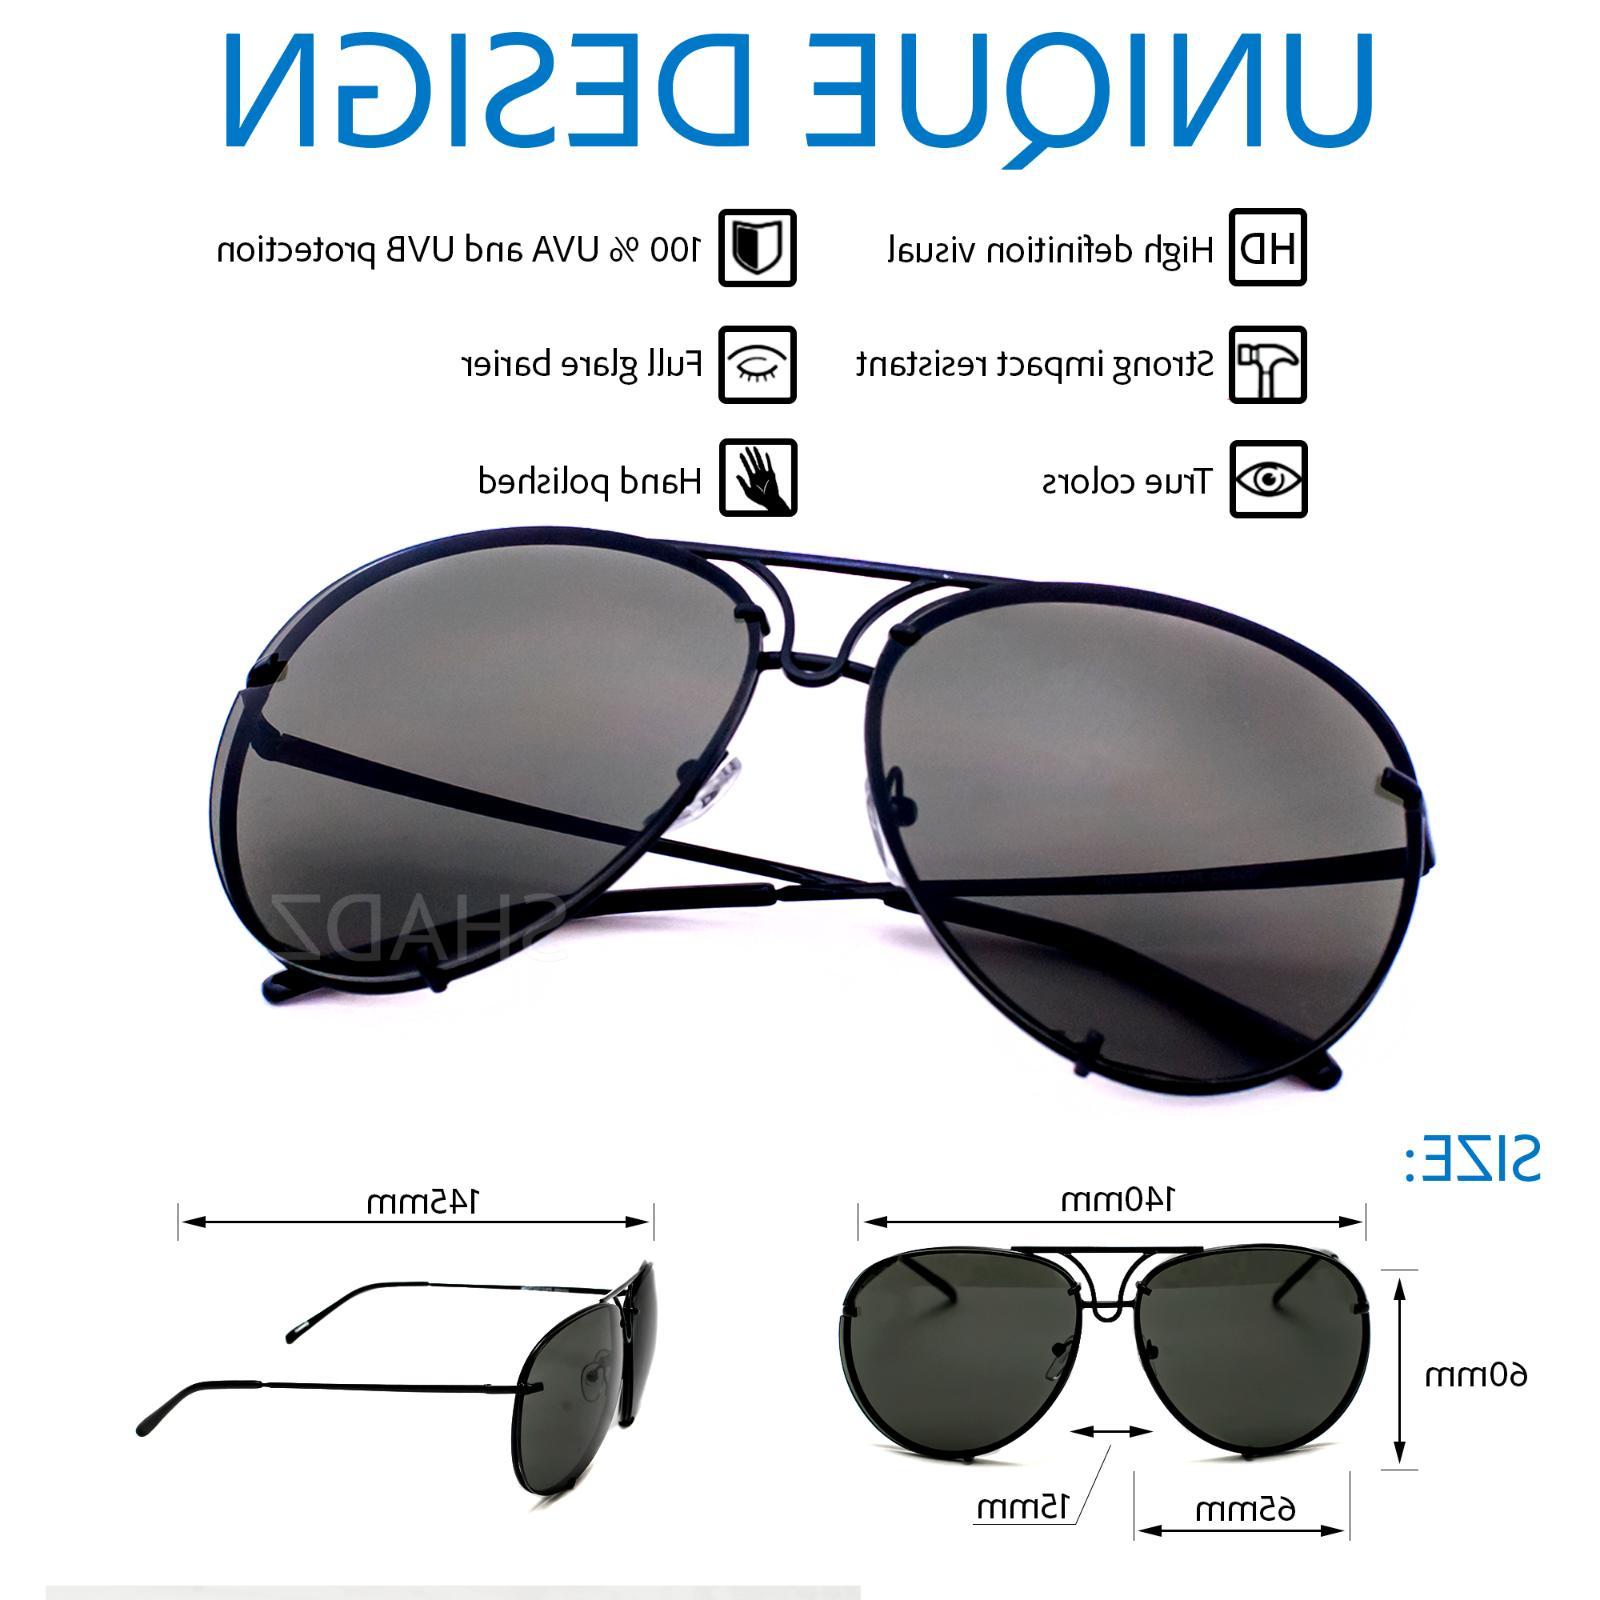 Aviator Twirl Metal Design Sunglasses